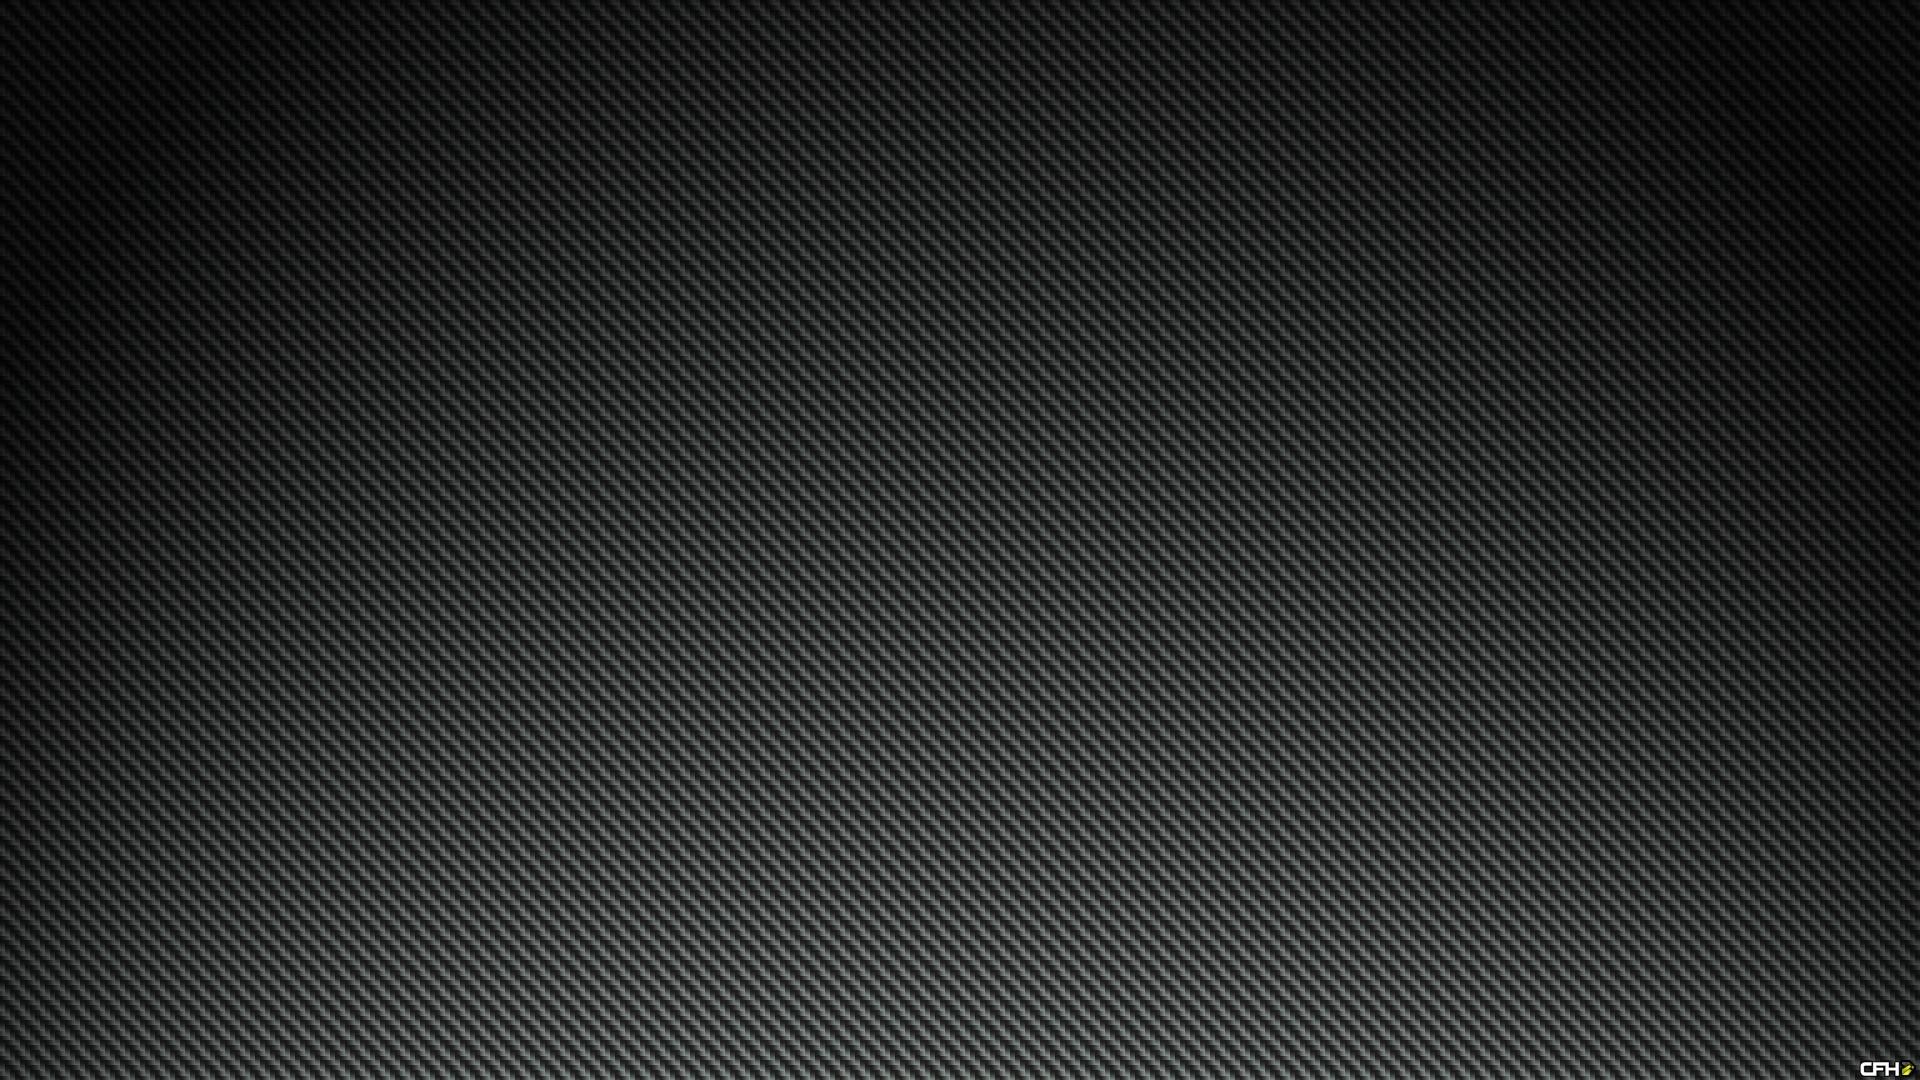 10 Latest Carbon Fiber Wallpaper 1920X1080 FULL HD 1920× ...